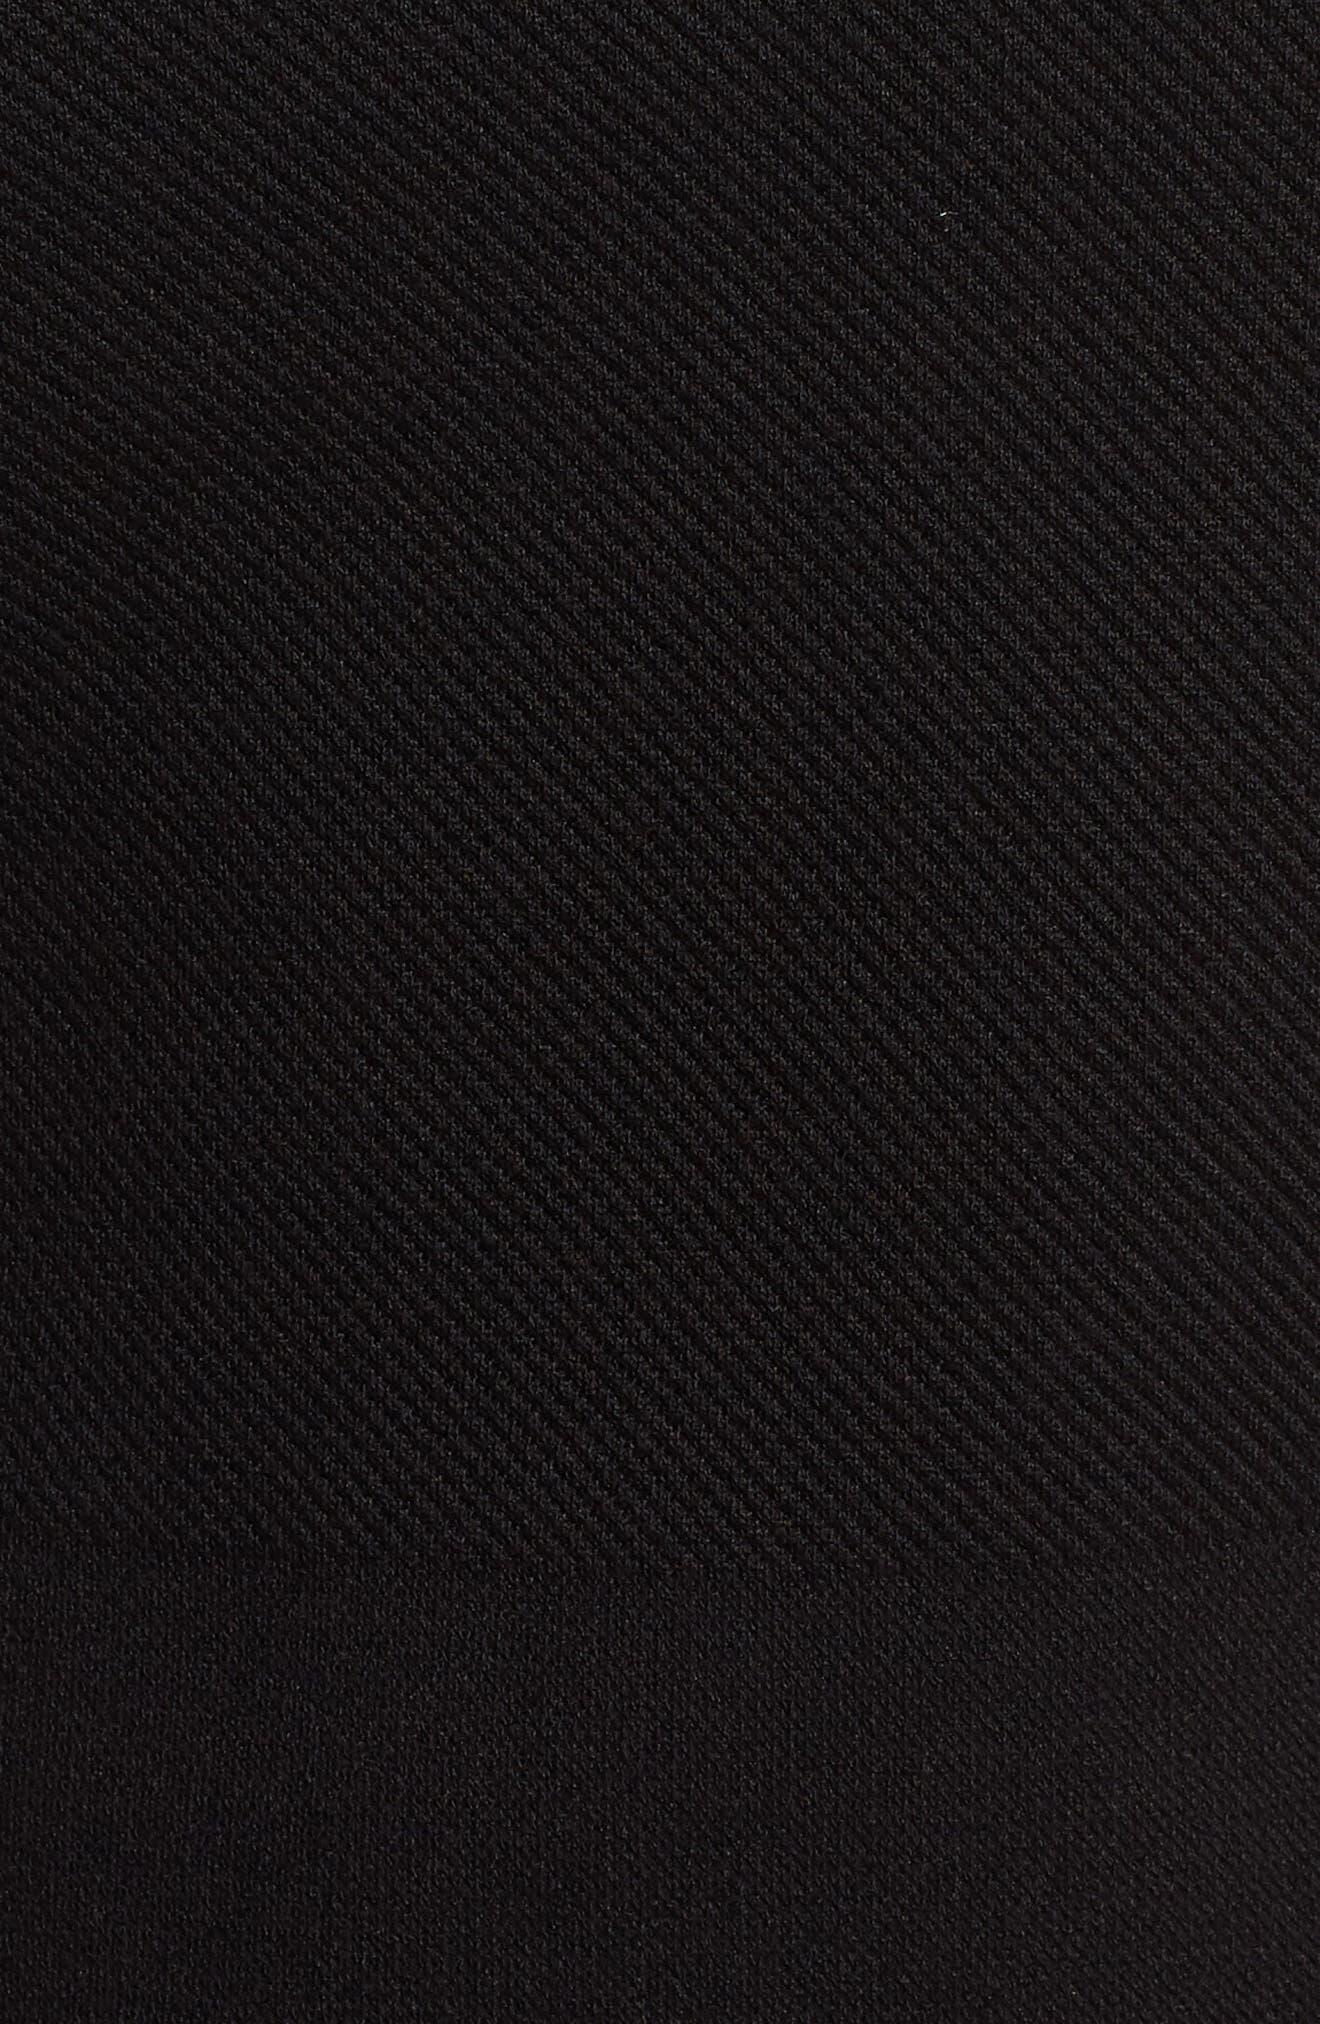 Hibela Sheath Dress,                             Alternate thumbnail 5, color,                             006